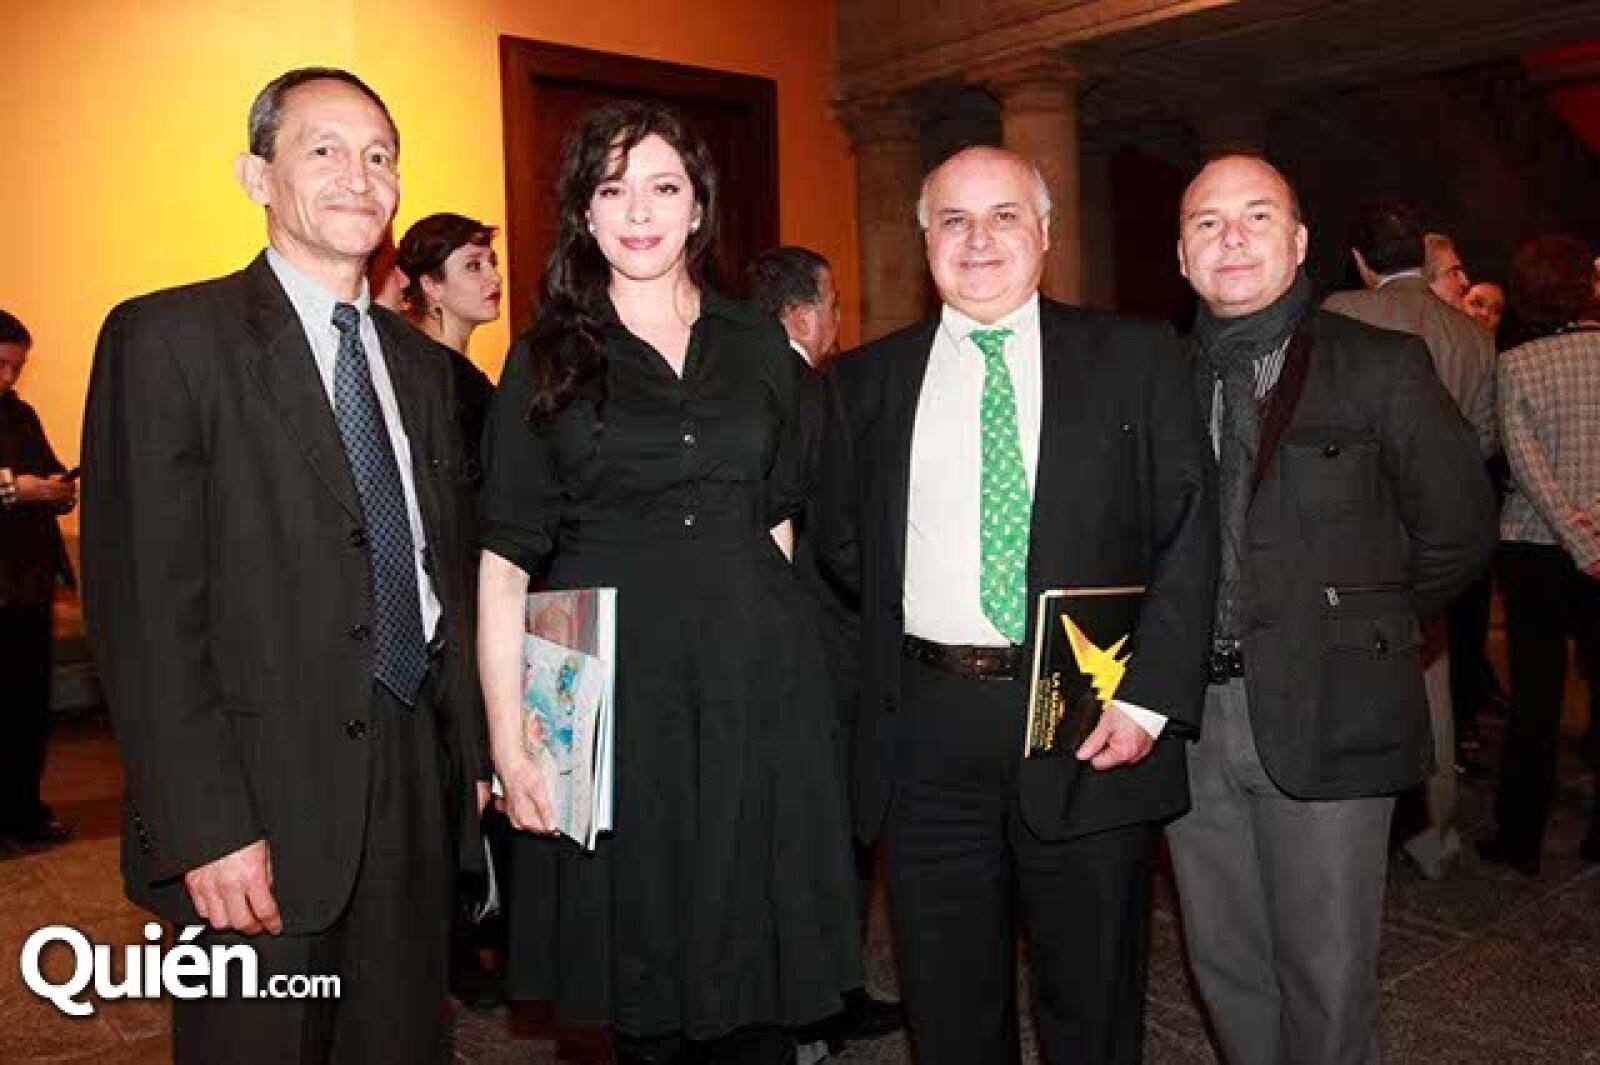 Luis Enrique Ramos,Anel Rosas,Jorge Garza Aguilar y Javier Alardin